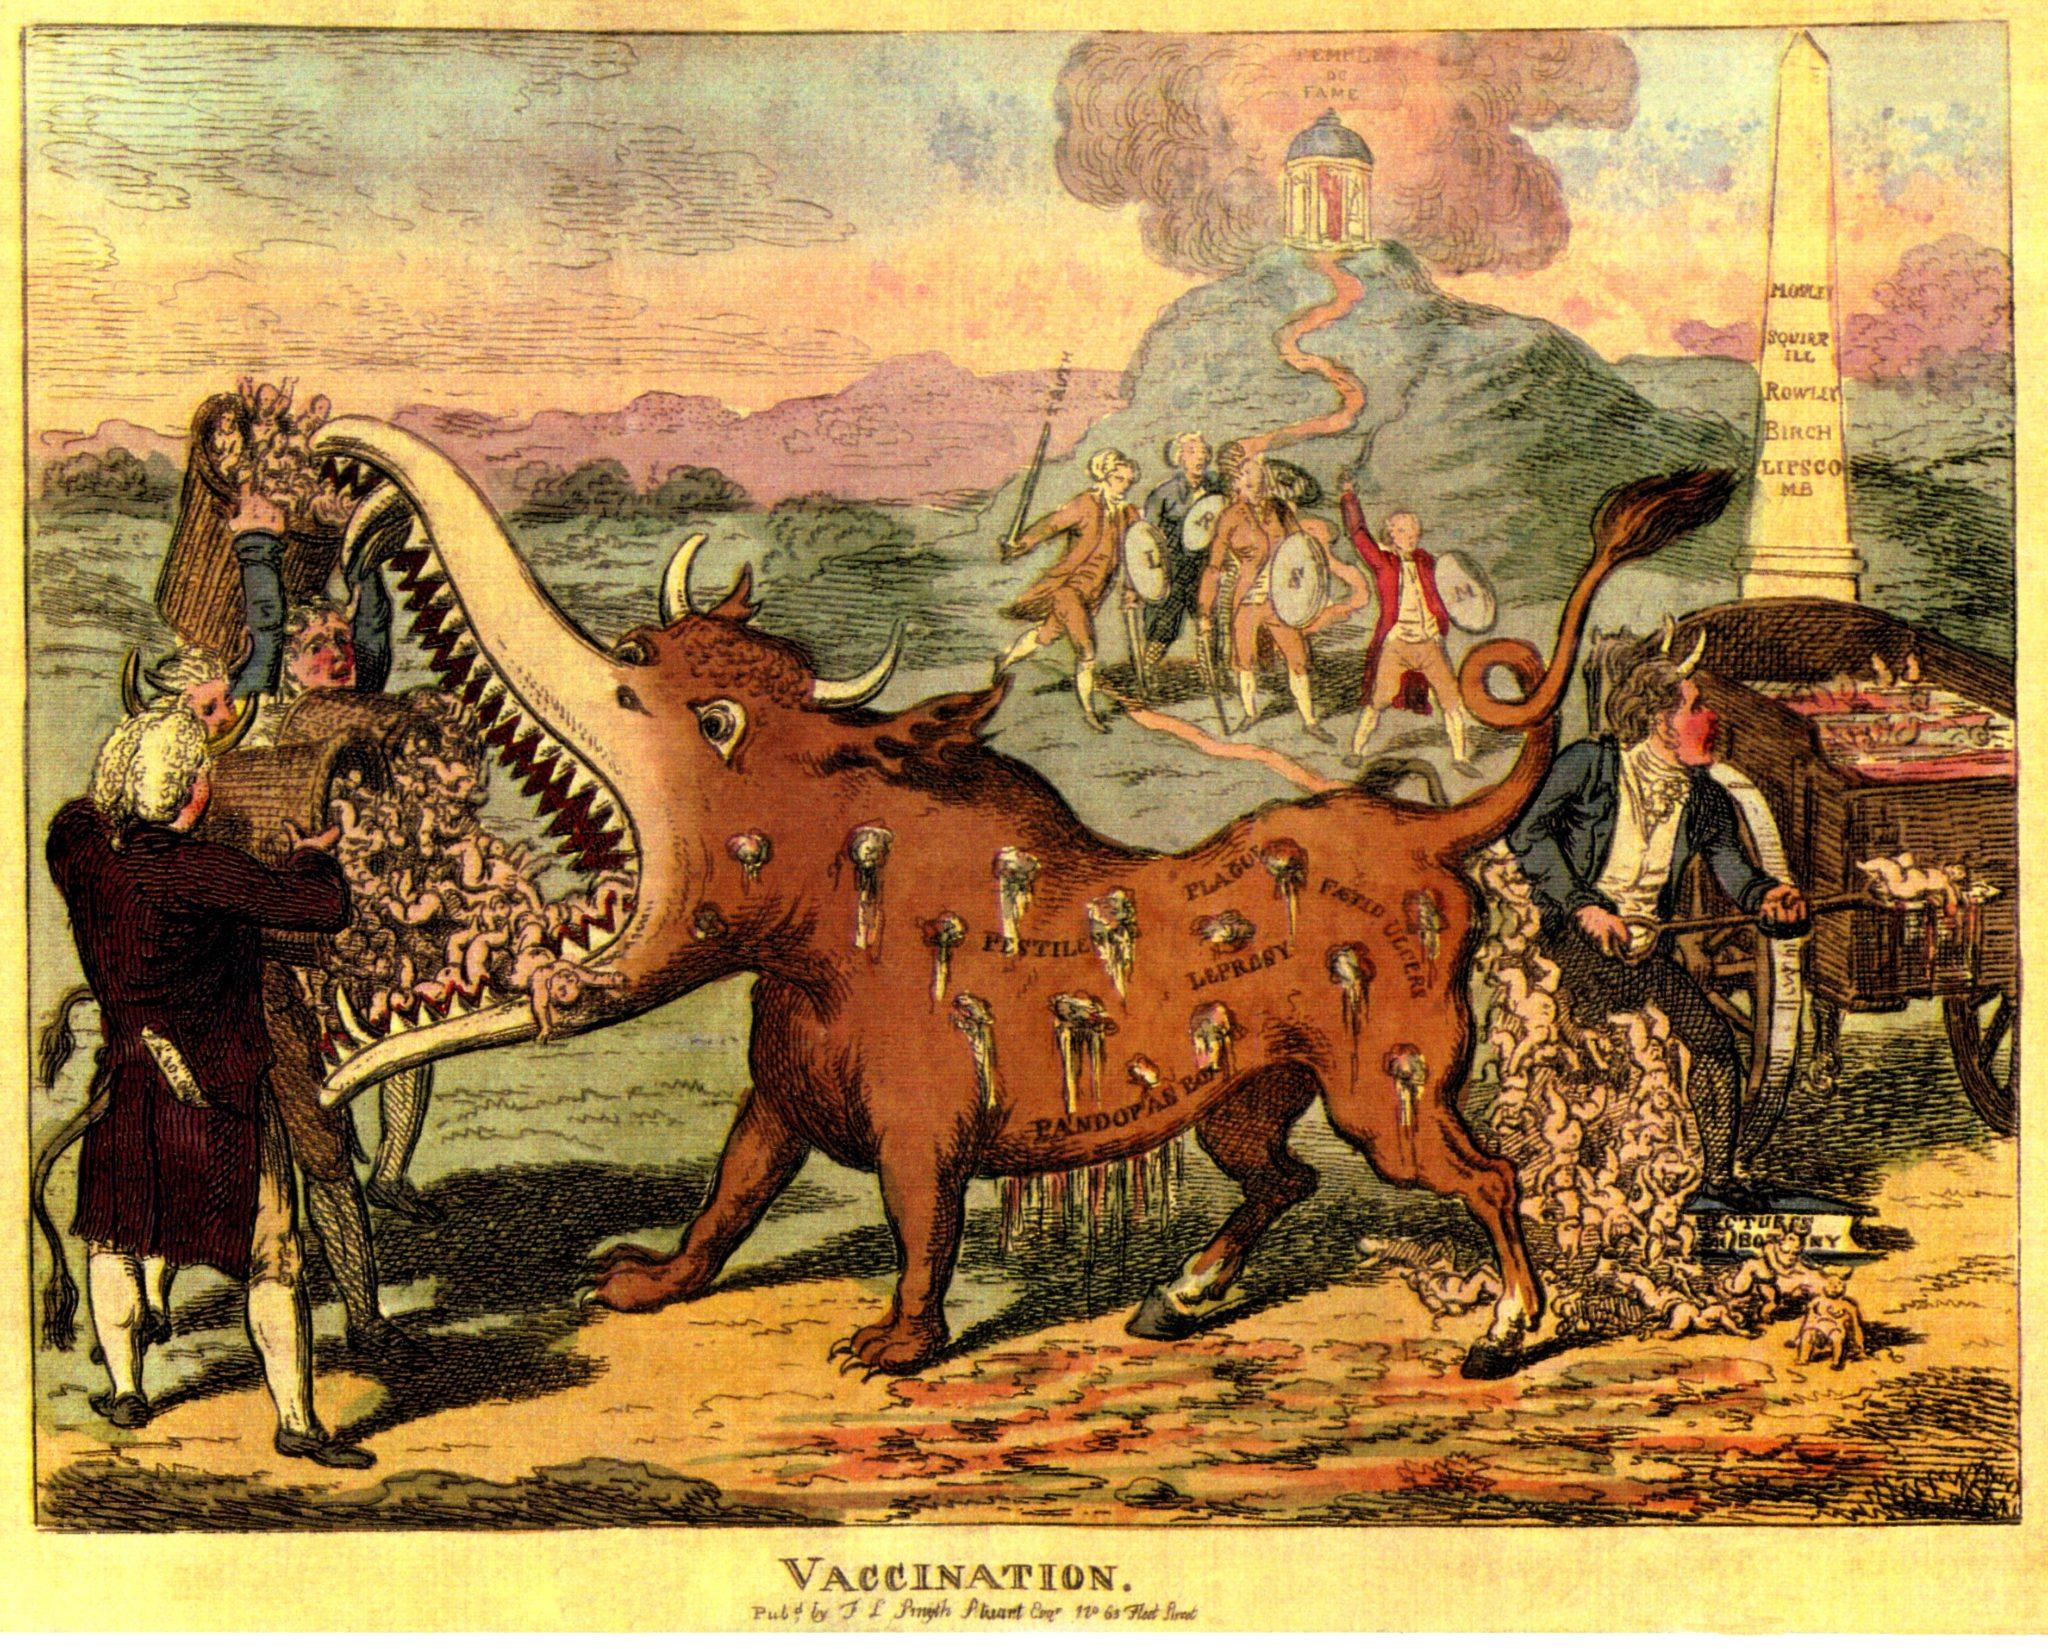 Impfgegner sind nichts Neues. Schon kurz nachdem Impfungen ihren Erfolgszug antraten, eigneten sie sich blendend für Angstkampagnen. Etwa mit dem Impfmonster – einem bedrohlichen Fabelwesen mit Hörnern, Pranken, eiternden Wunden und gefletschtem Gebiss (1807, unbekannter Künstler)